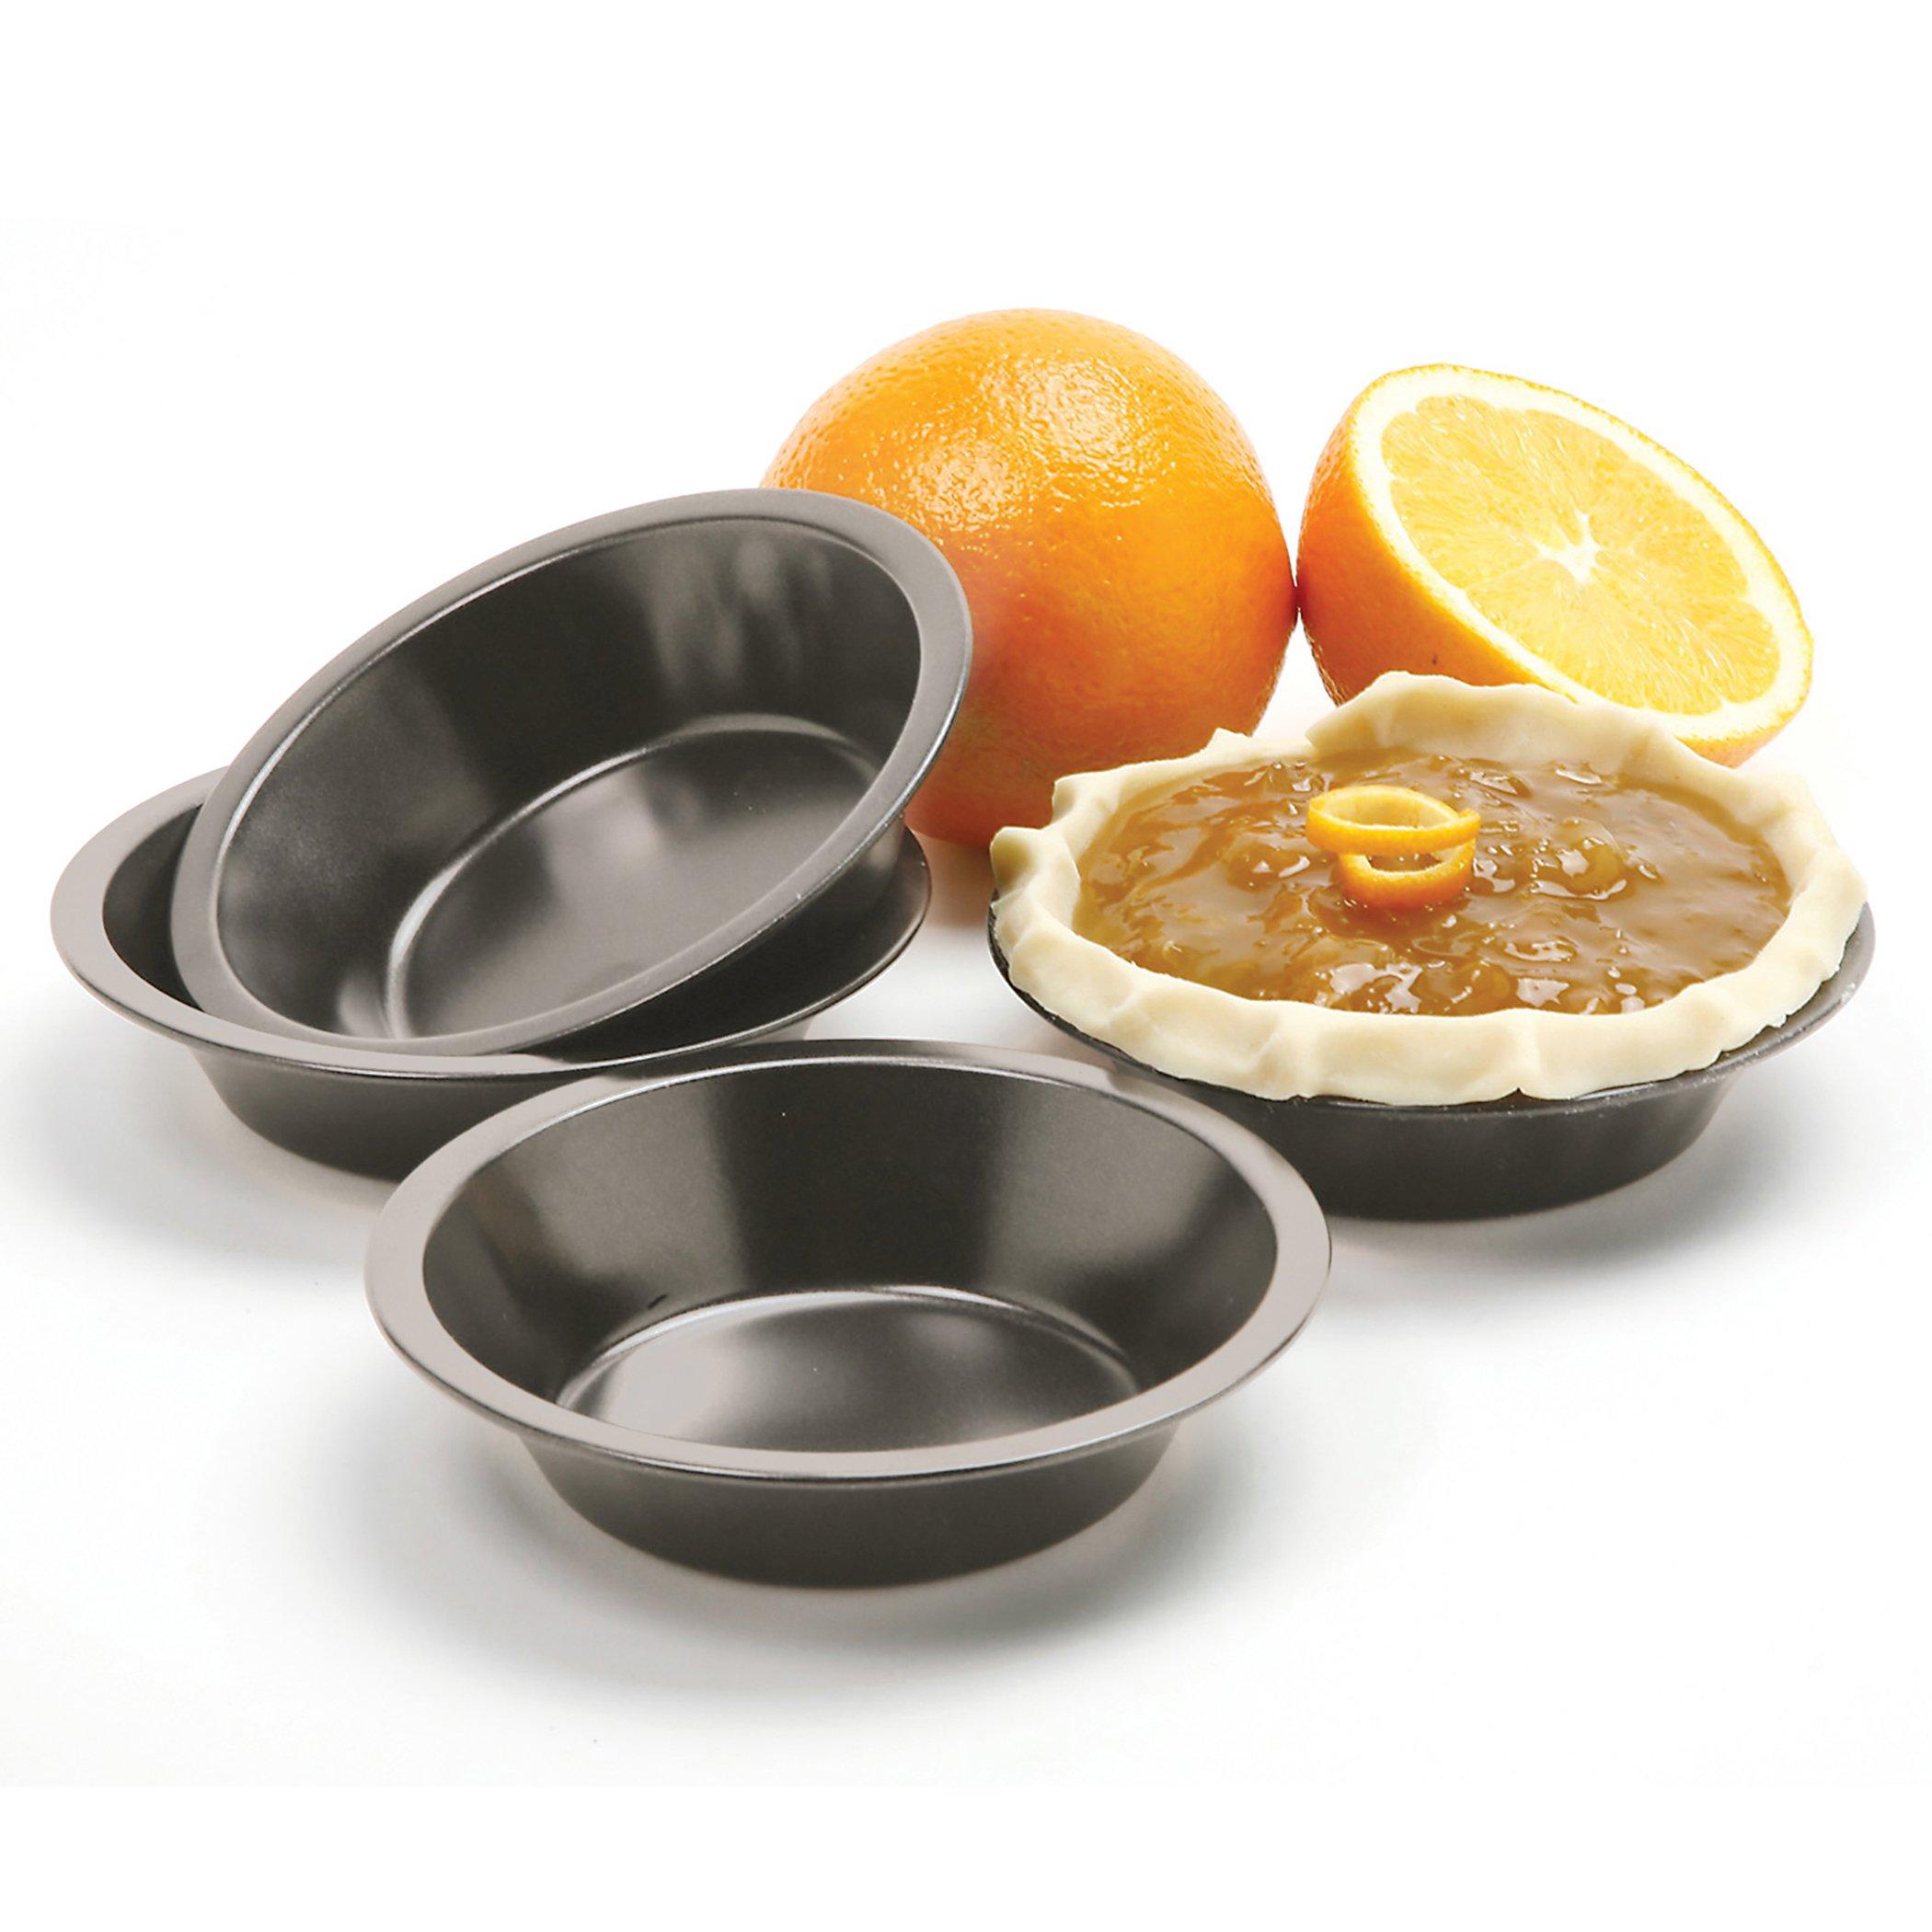 Norpro Nonstick Mini Pie Pans, Set of 4 by Norpro (Image #2)